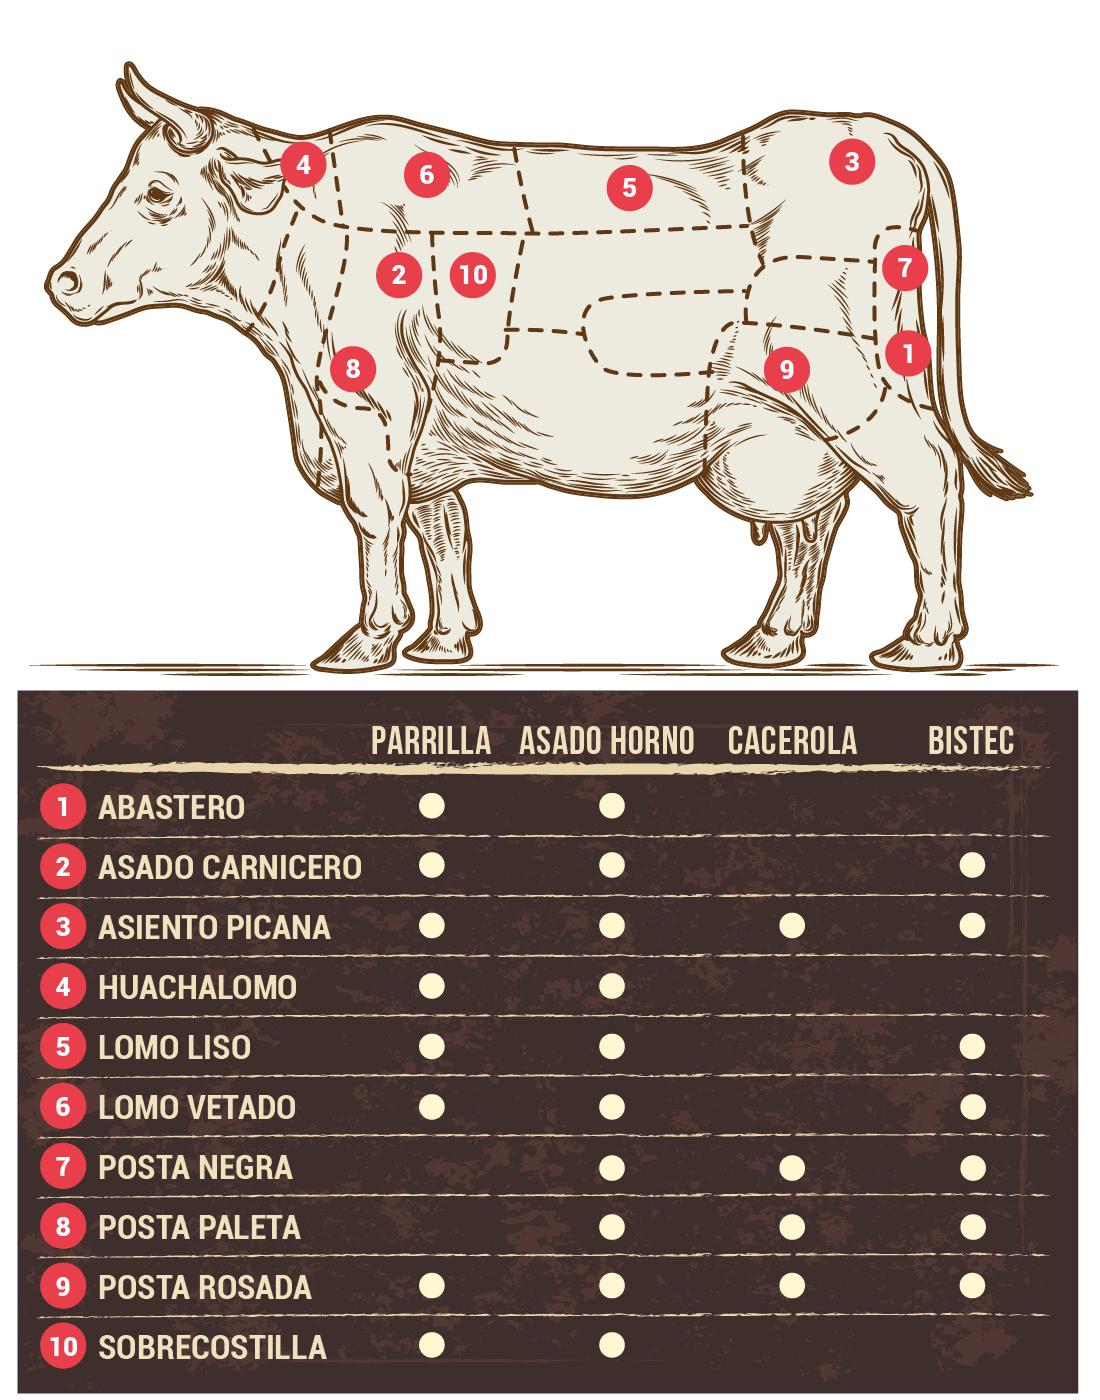 6de7ea5d8e Después de este dato parrillero les dejamos una infografía con los  principales cortes para que aprendamos un poco más de la carne de vacuno